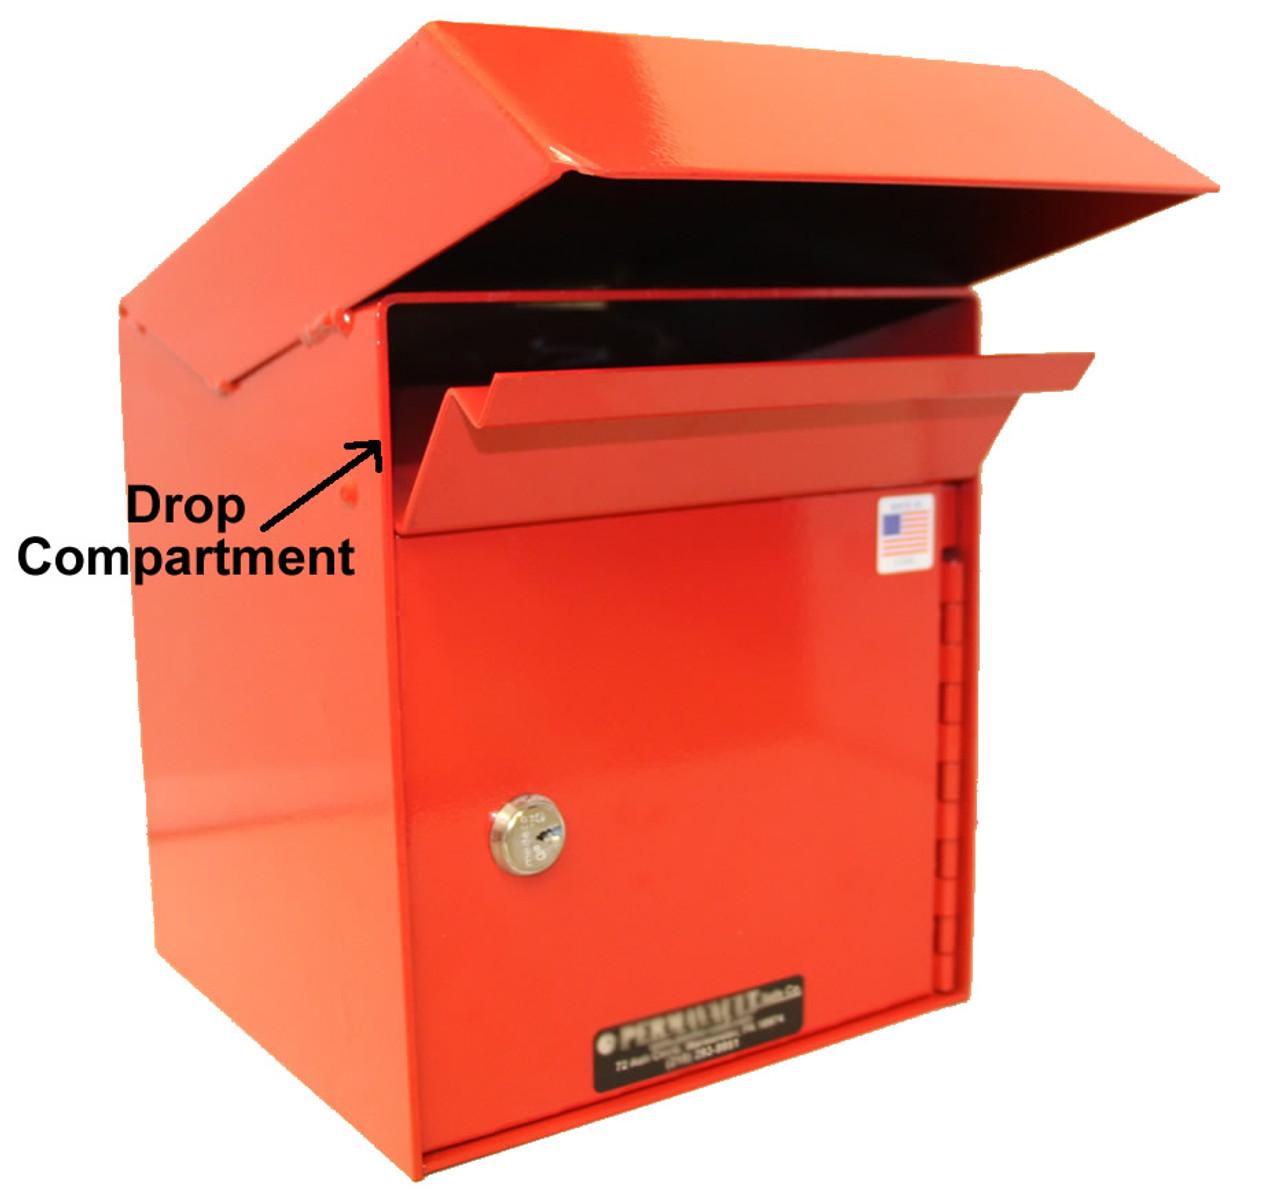 Outdoor Secure Payment Locking Drop Box shown with drop door open